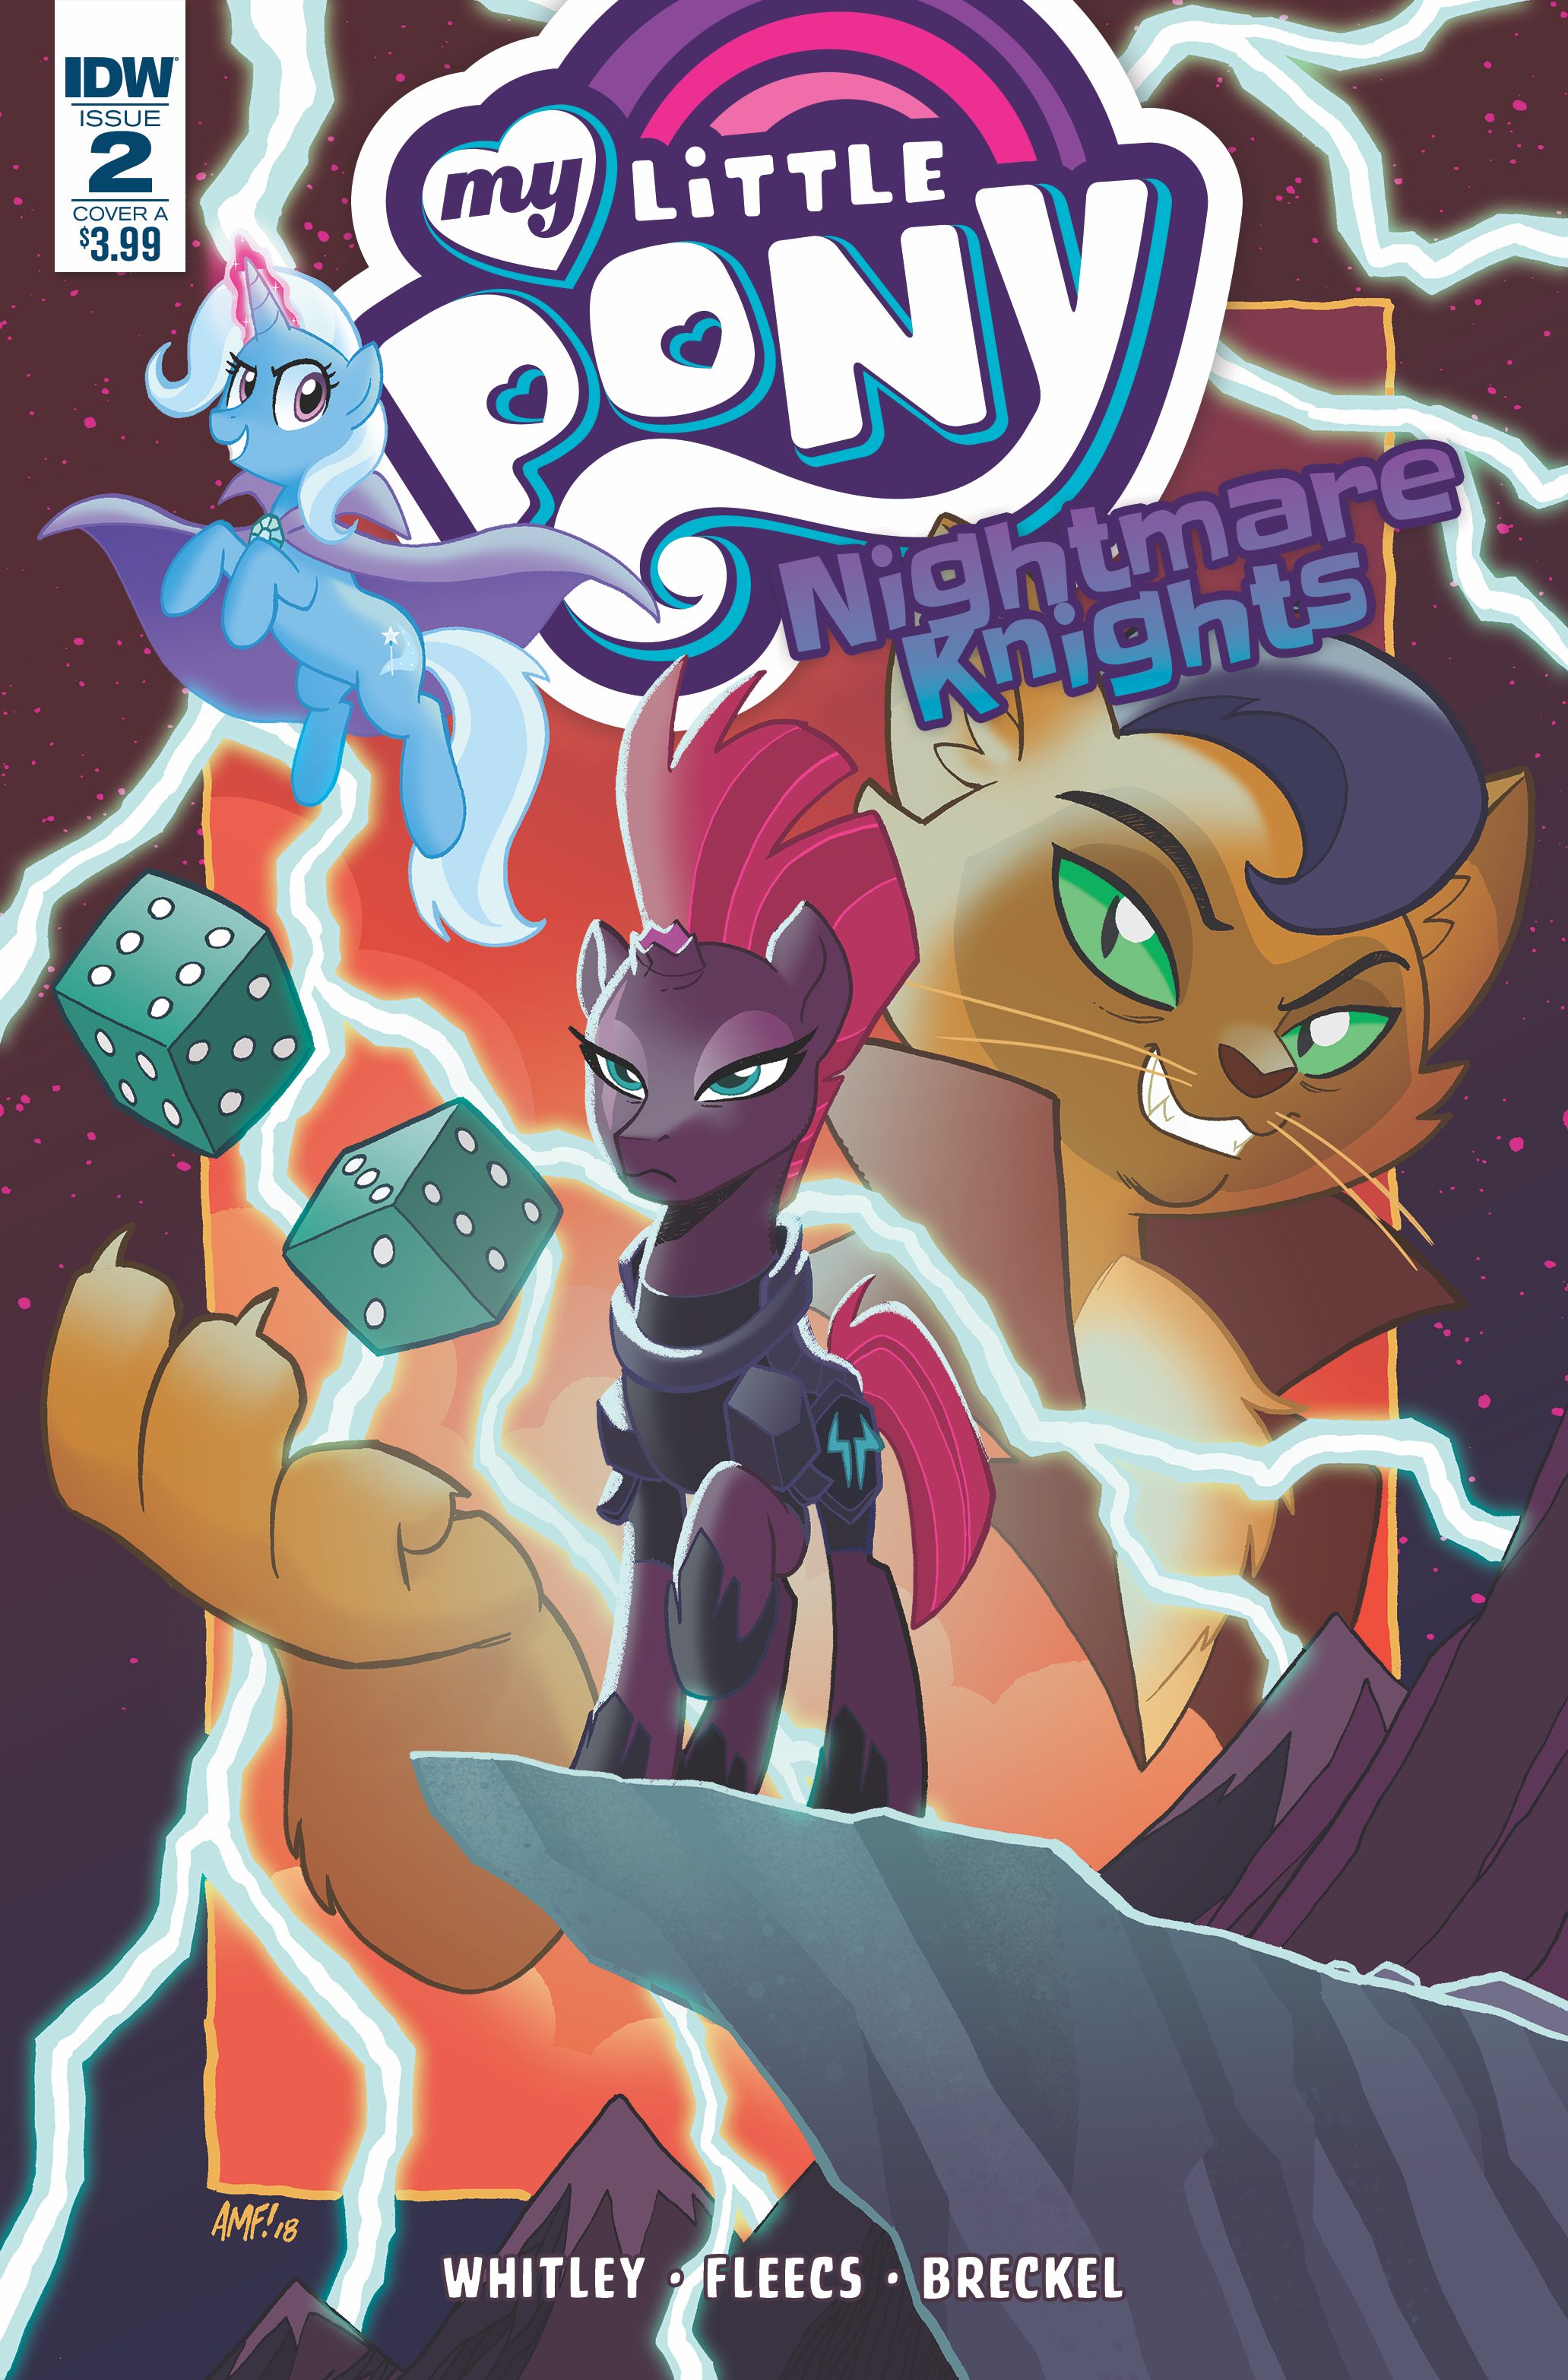 Nightmare Knights Issue 2